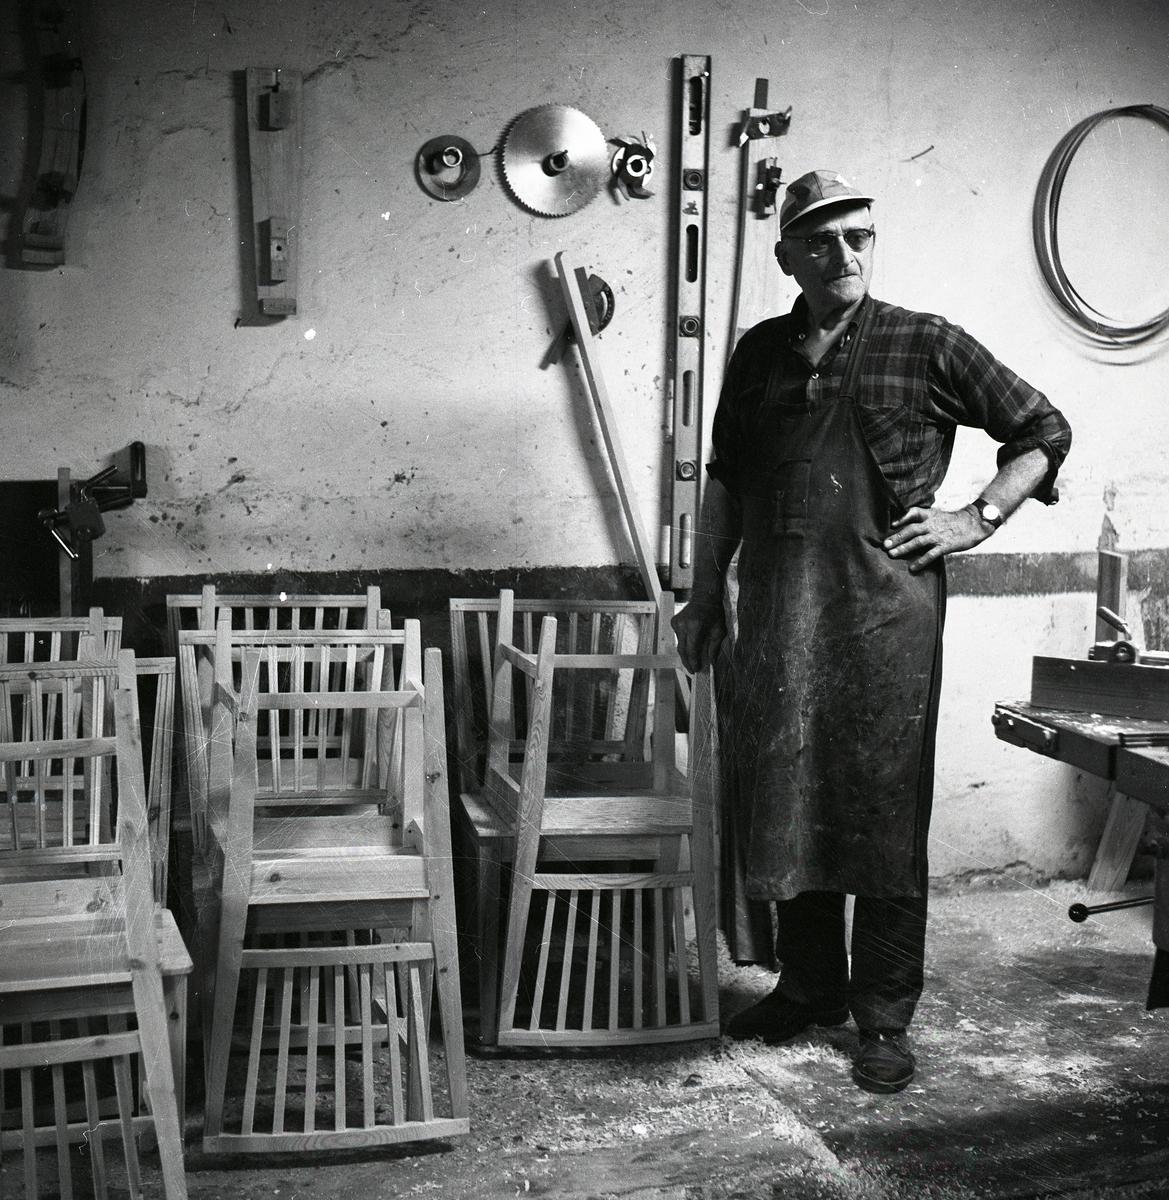 En man i förkläde och keps står bredvid några stolar i en verkstad, 1968.